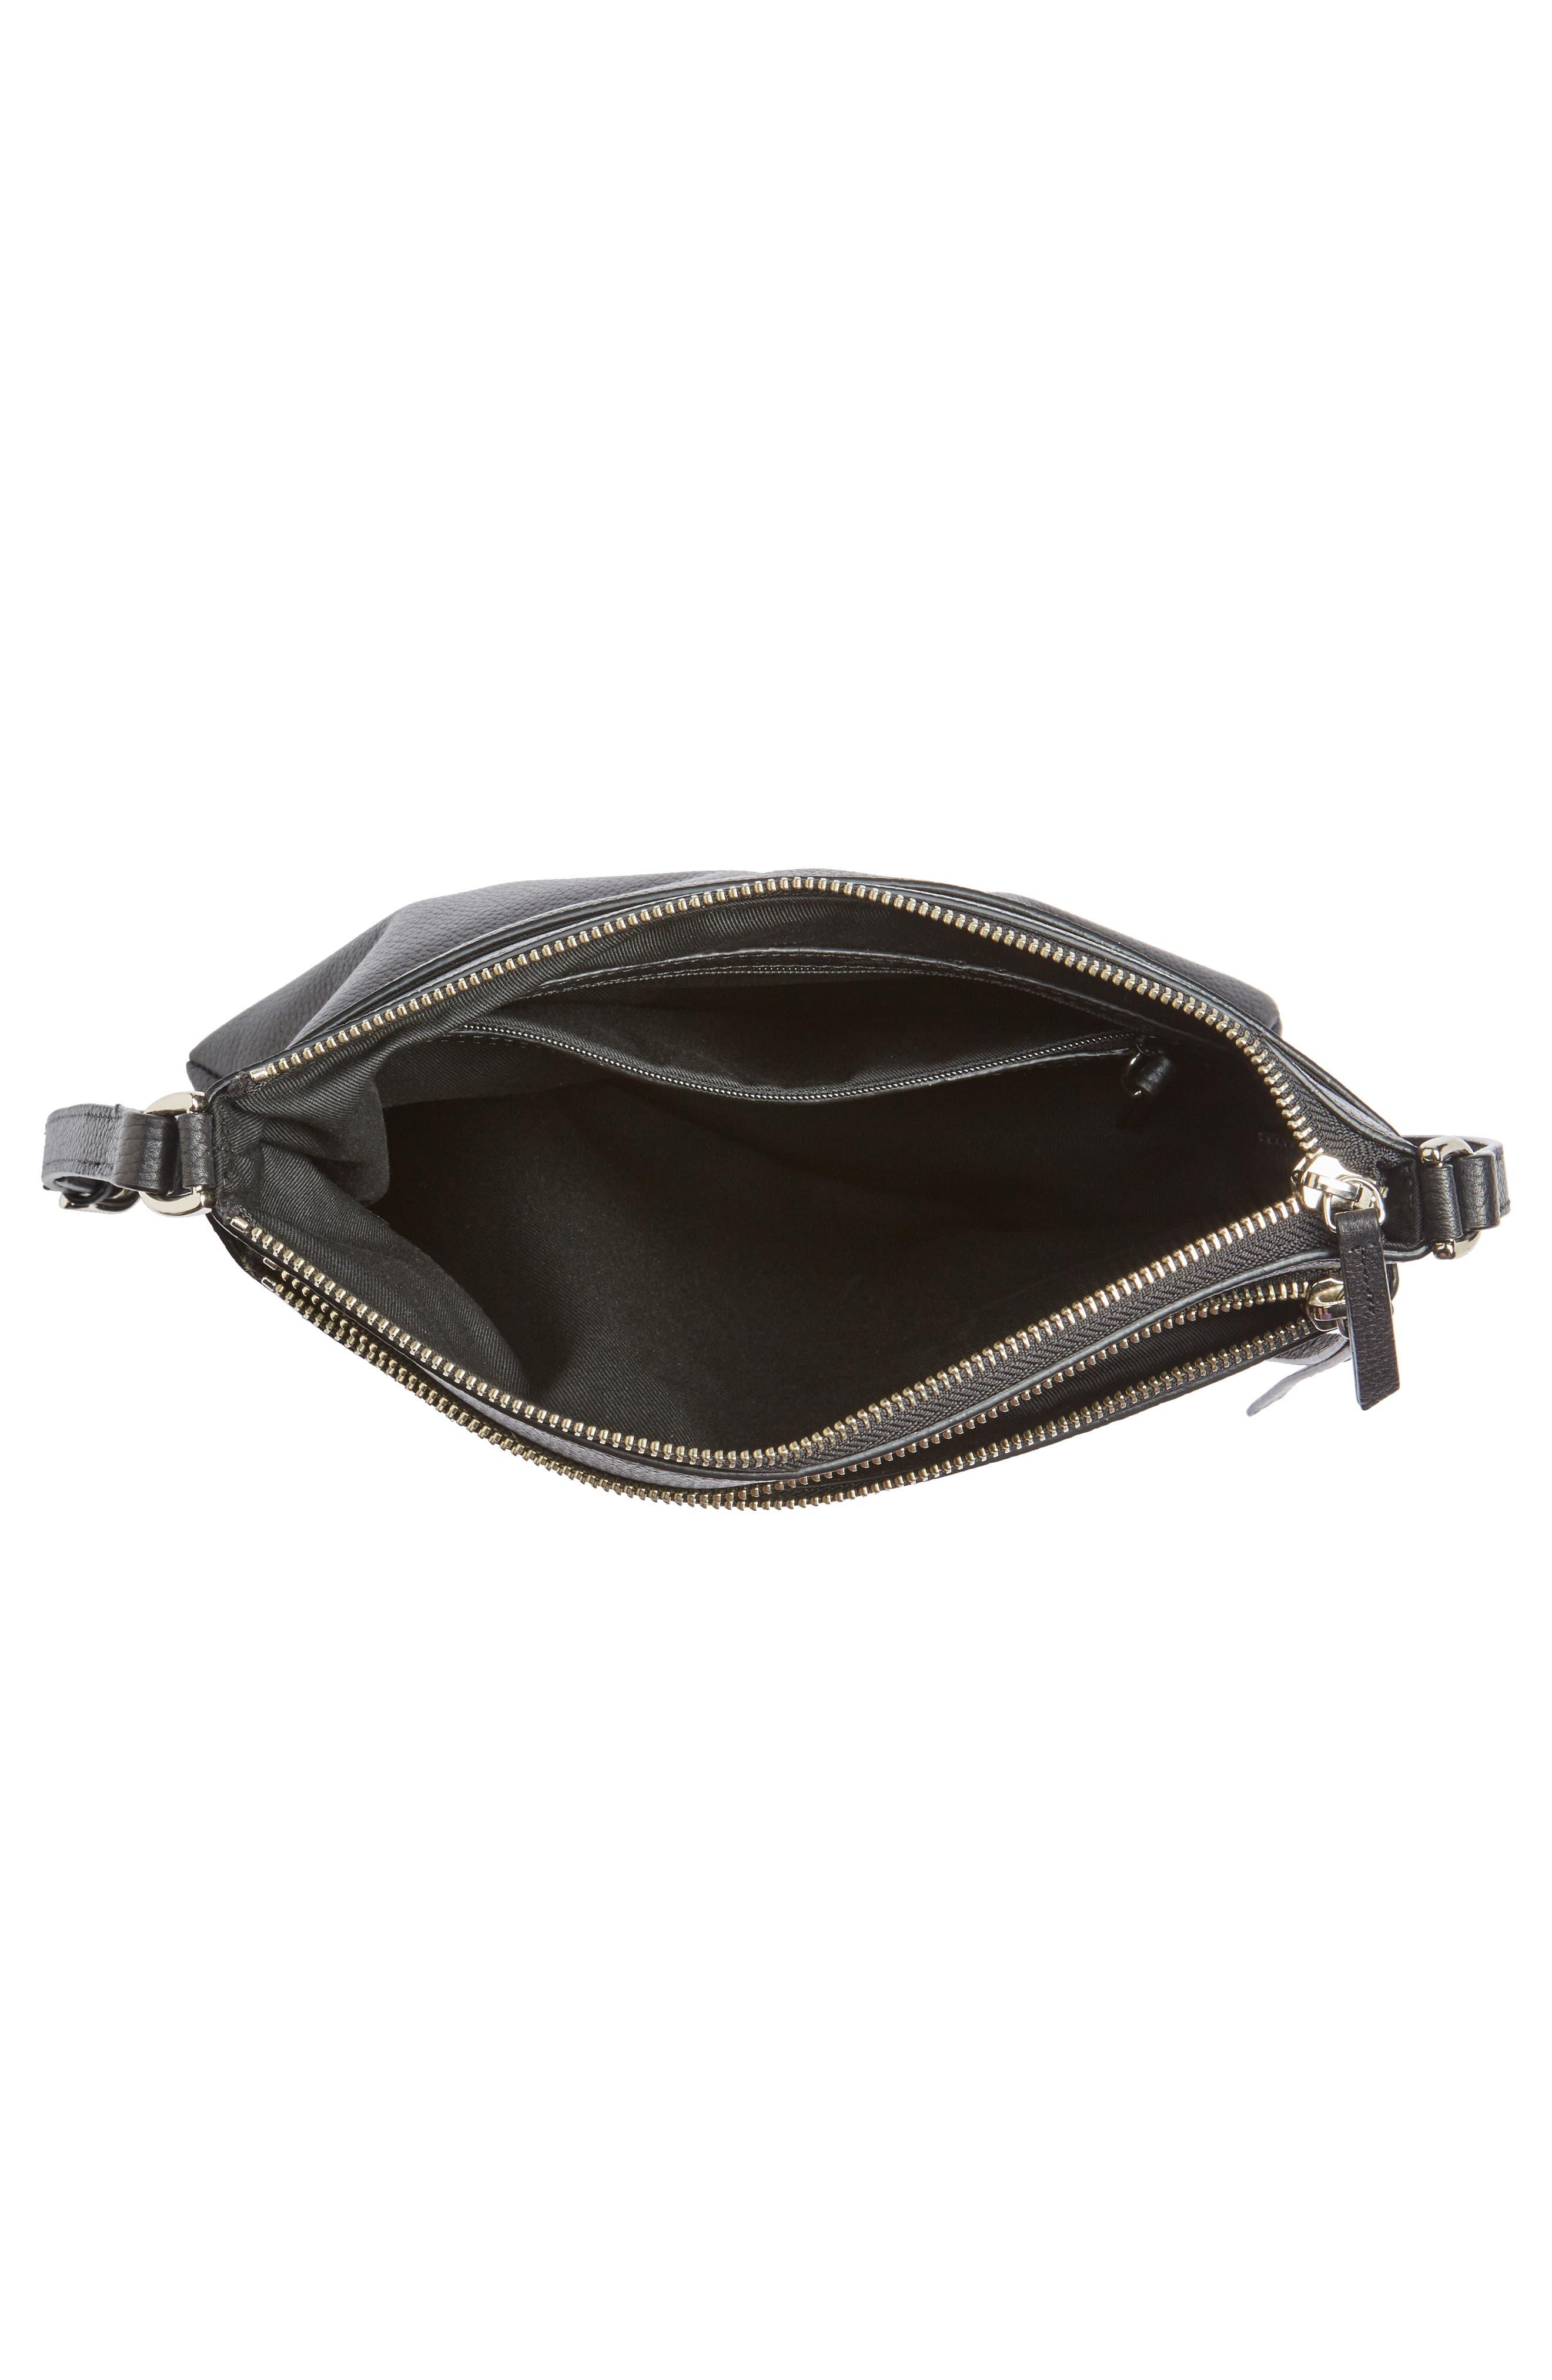 Finn Leather Crossbody Bag,                             Alternate thumbnail 4, color,                             BLACK